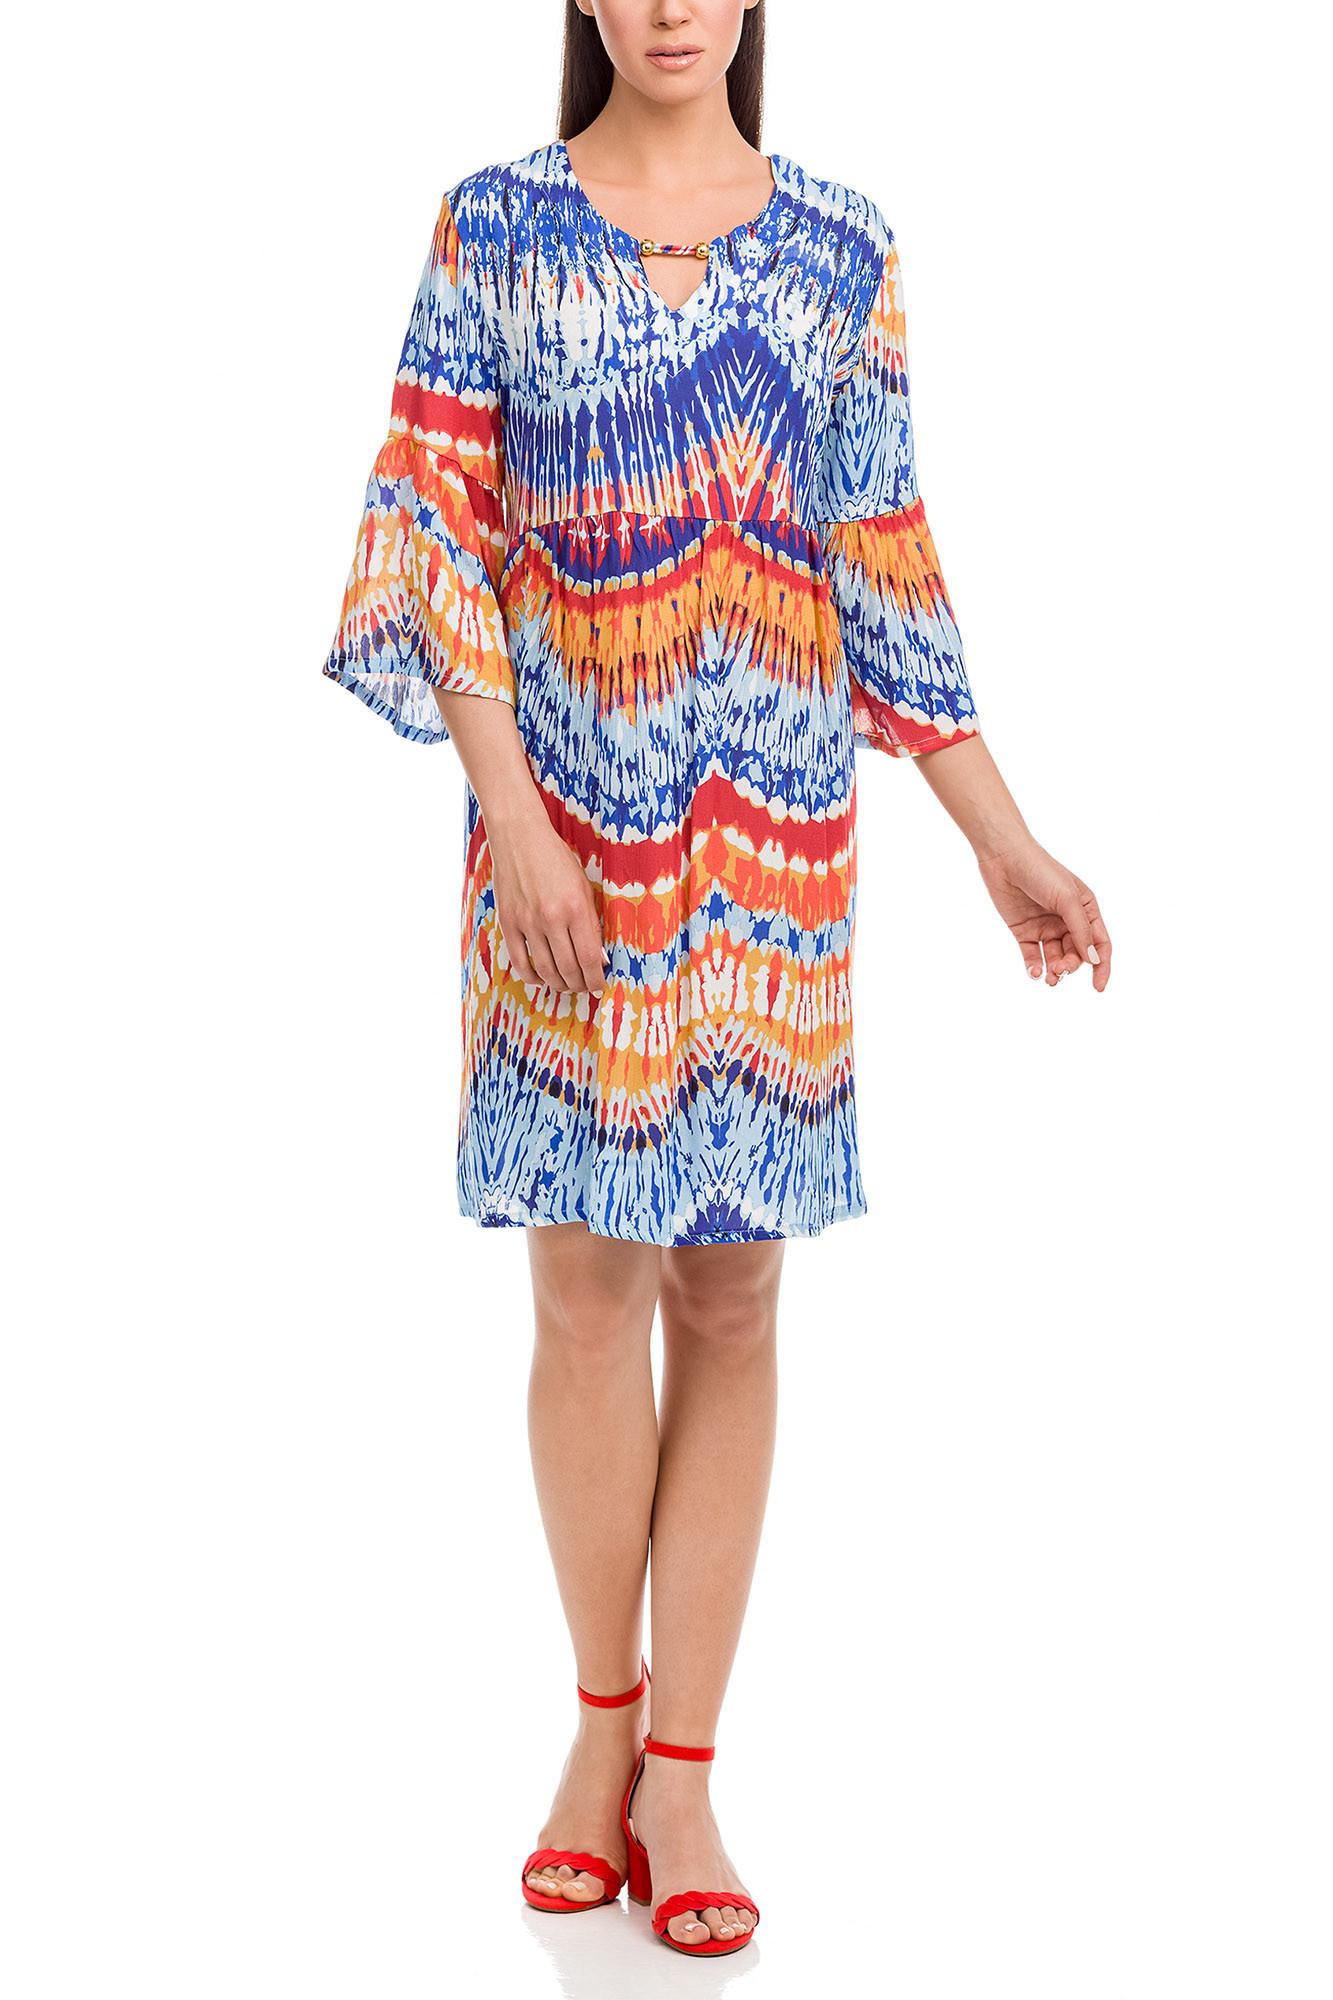 Vamp - Dámske šaty 12541 - Vamp blue palace xxl